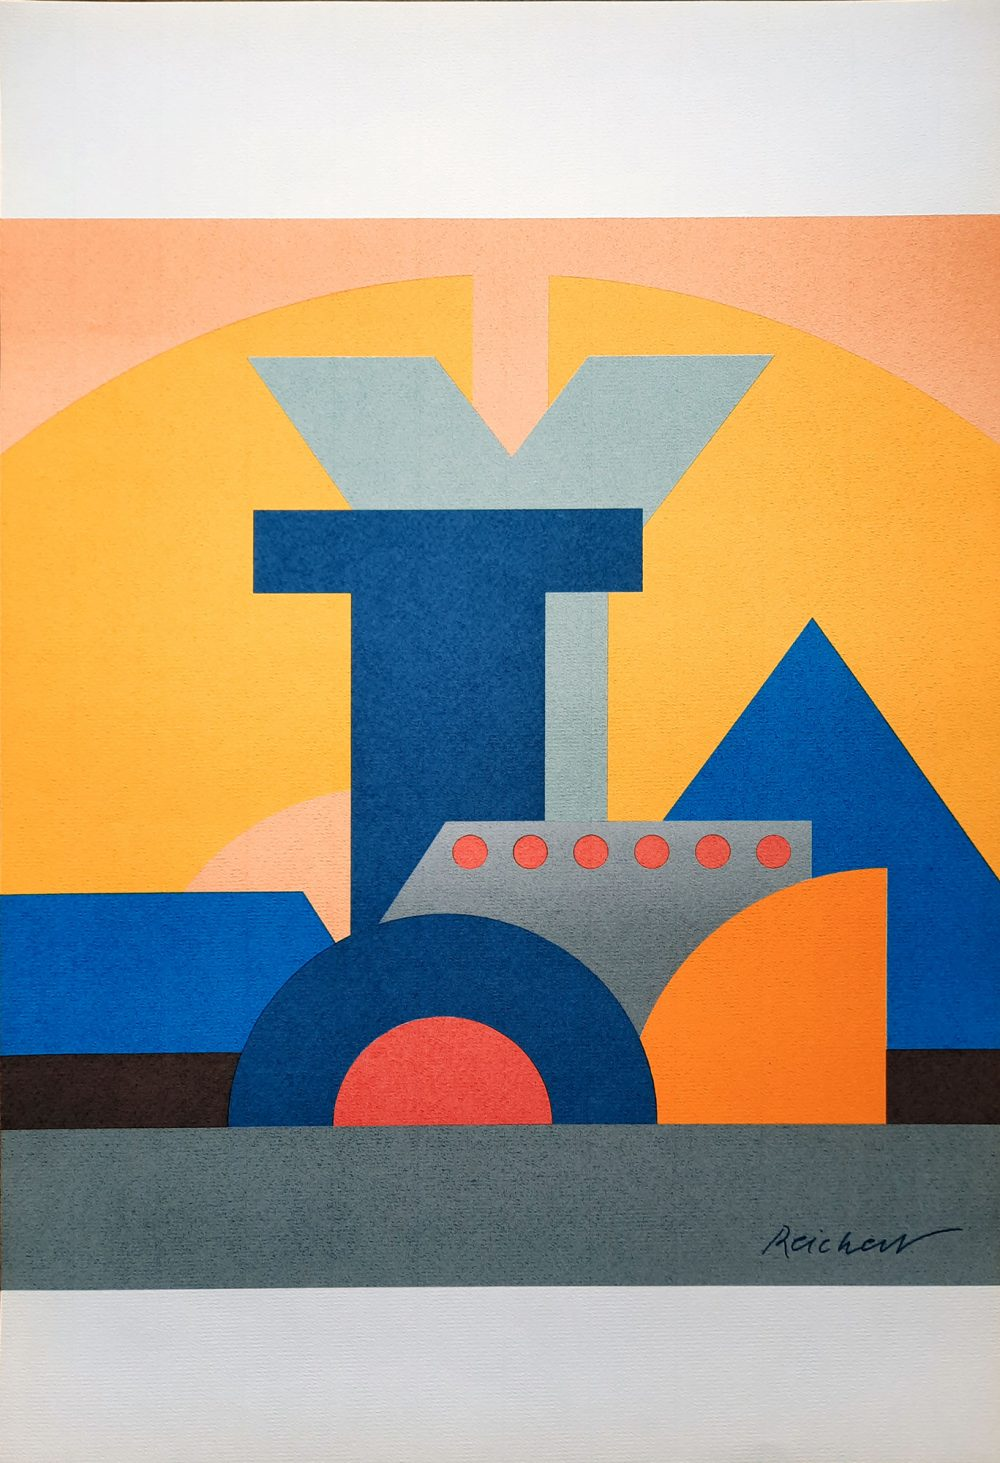 joshua reichert typografische komposition